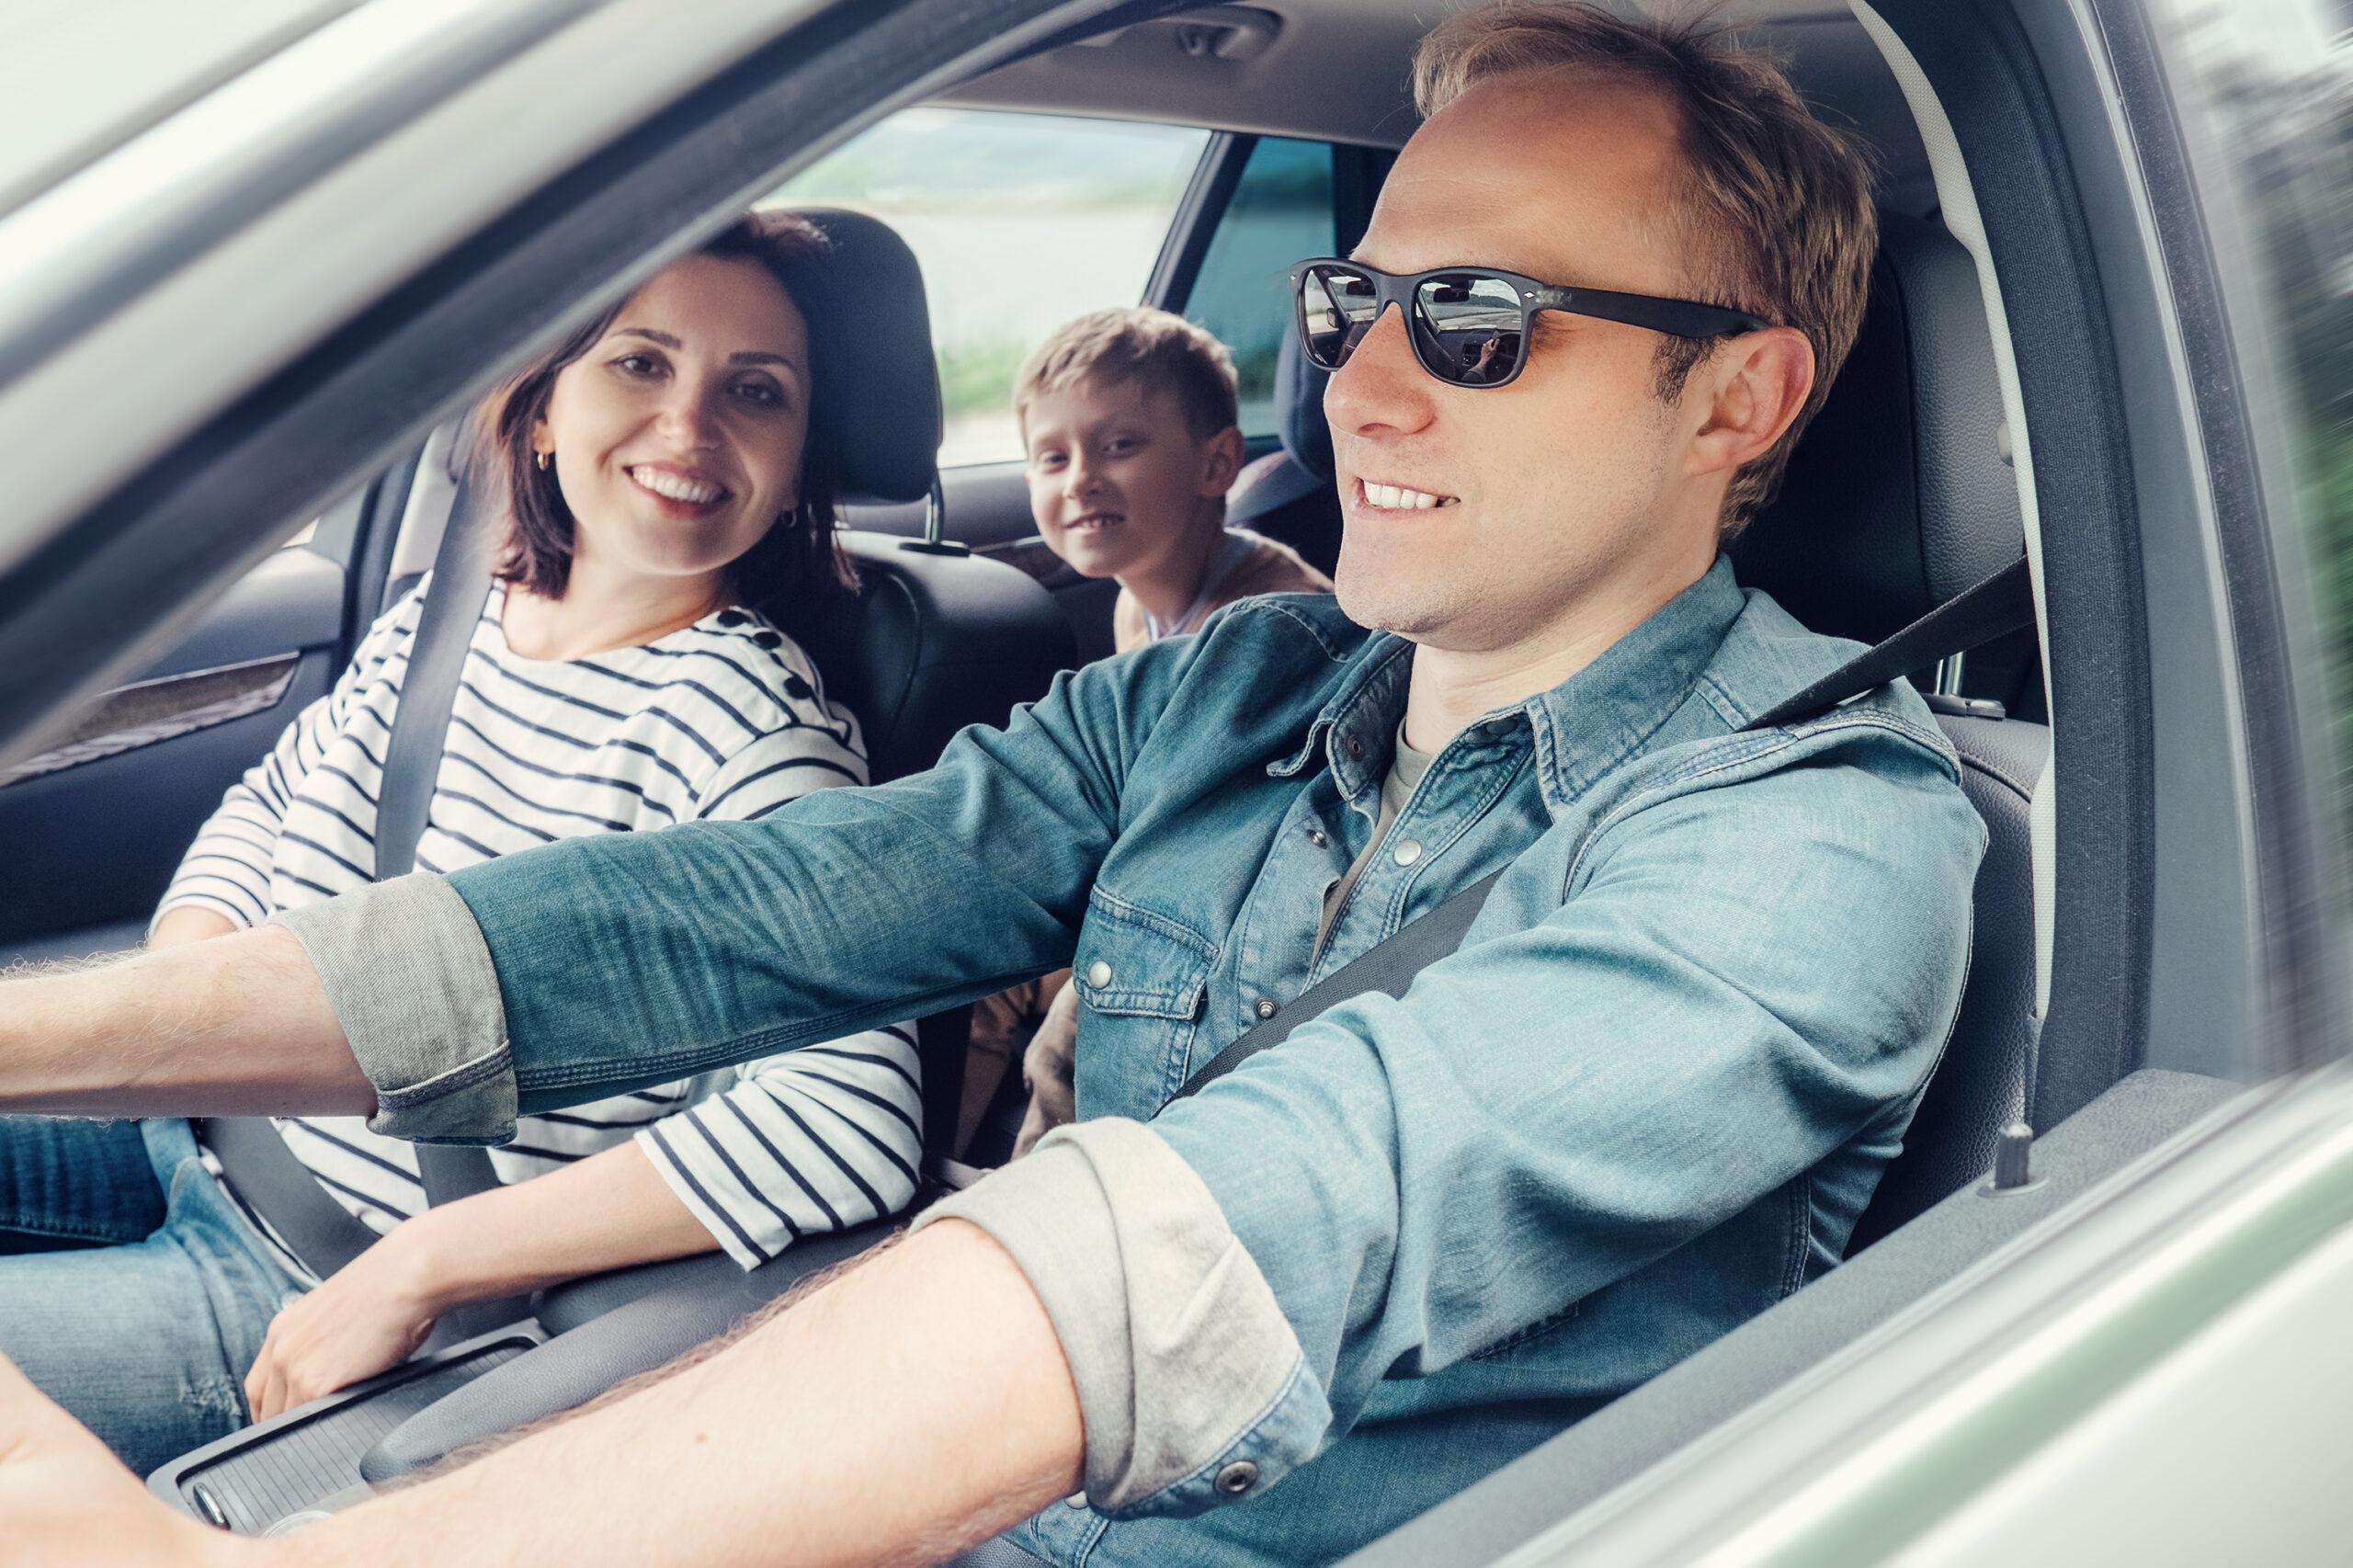 Jazdy prywatne a paliwo kupione przez pracodawcę